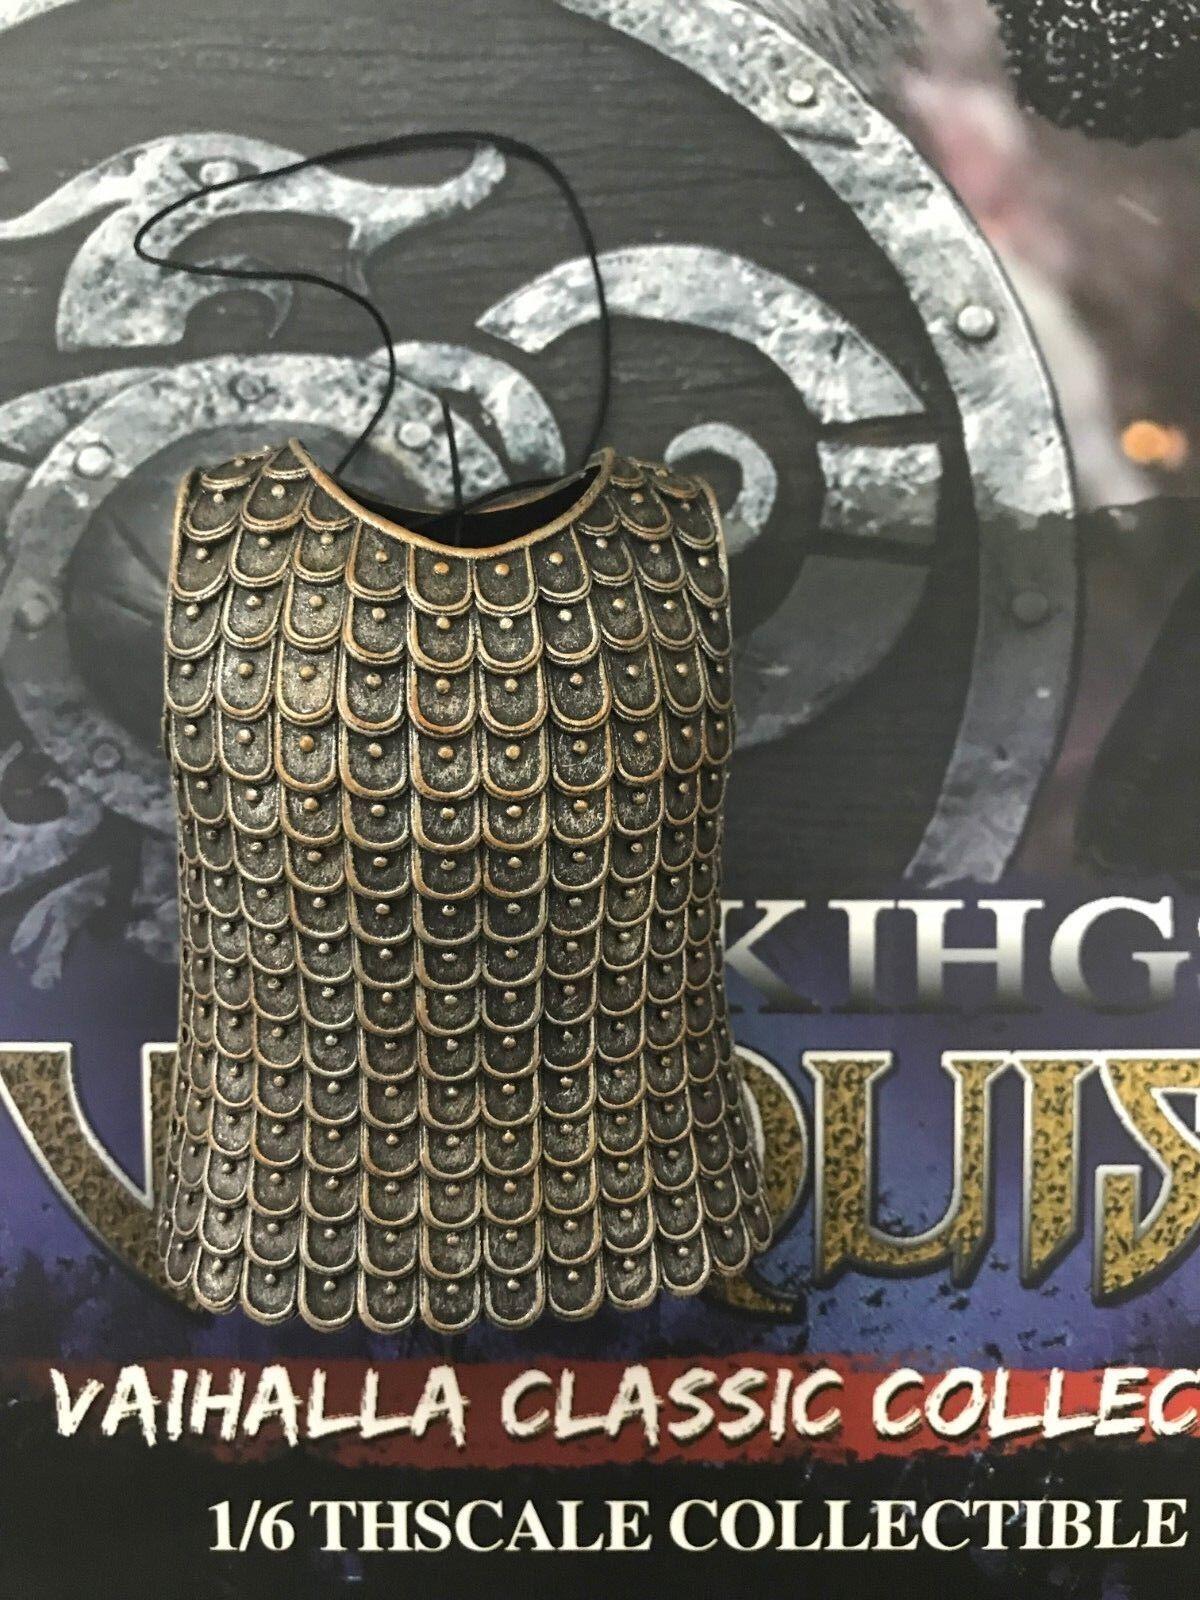 Coomodel se019 wikinger - held vahalla set - 1   6 - skala beserker rüstung